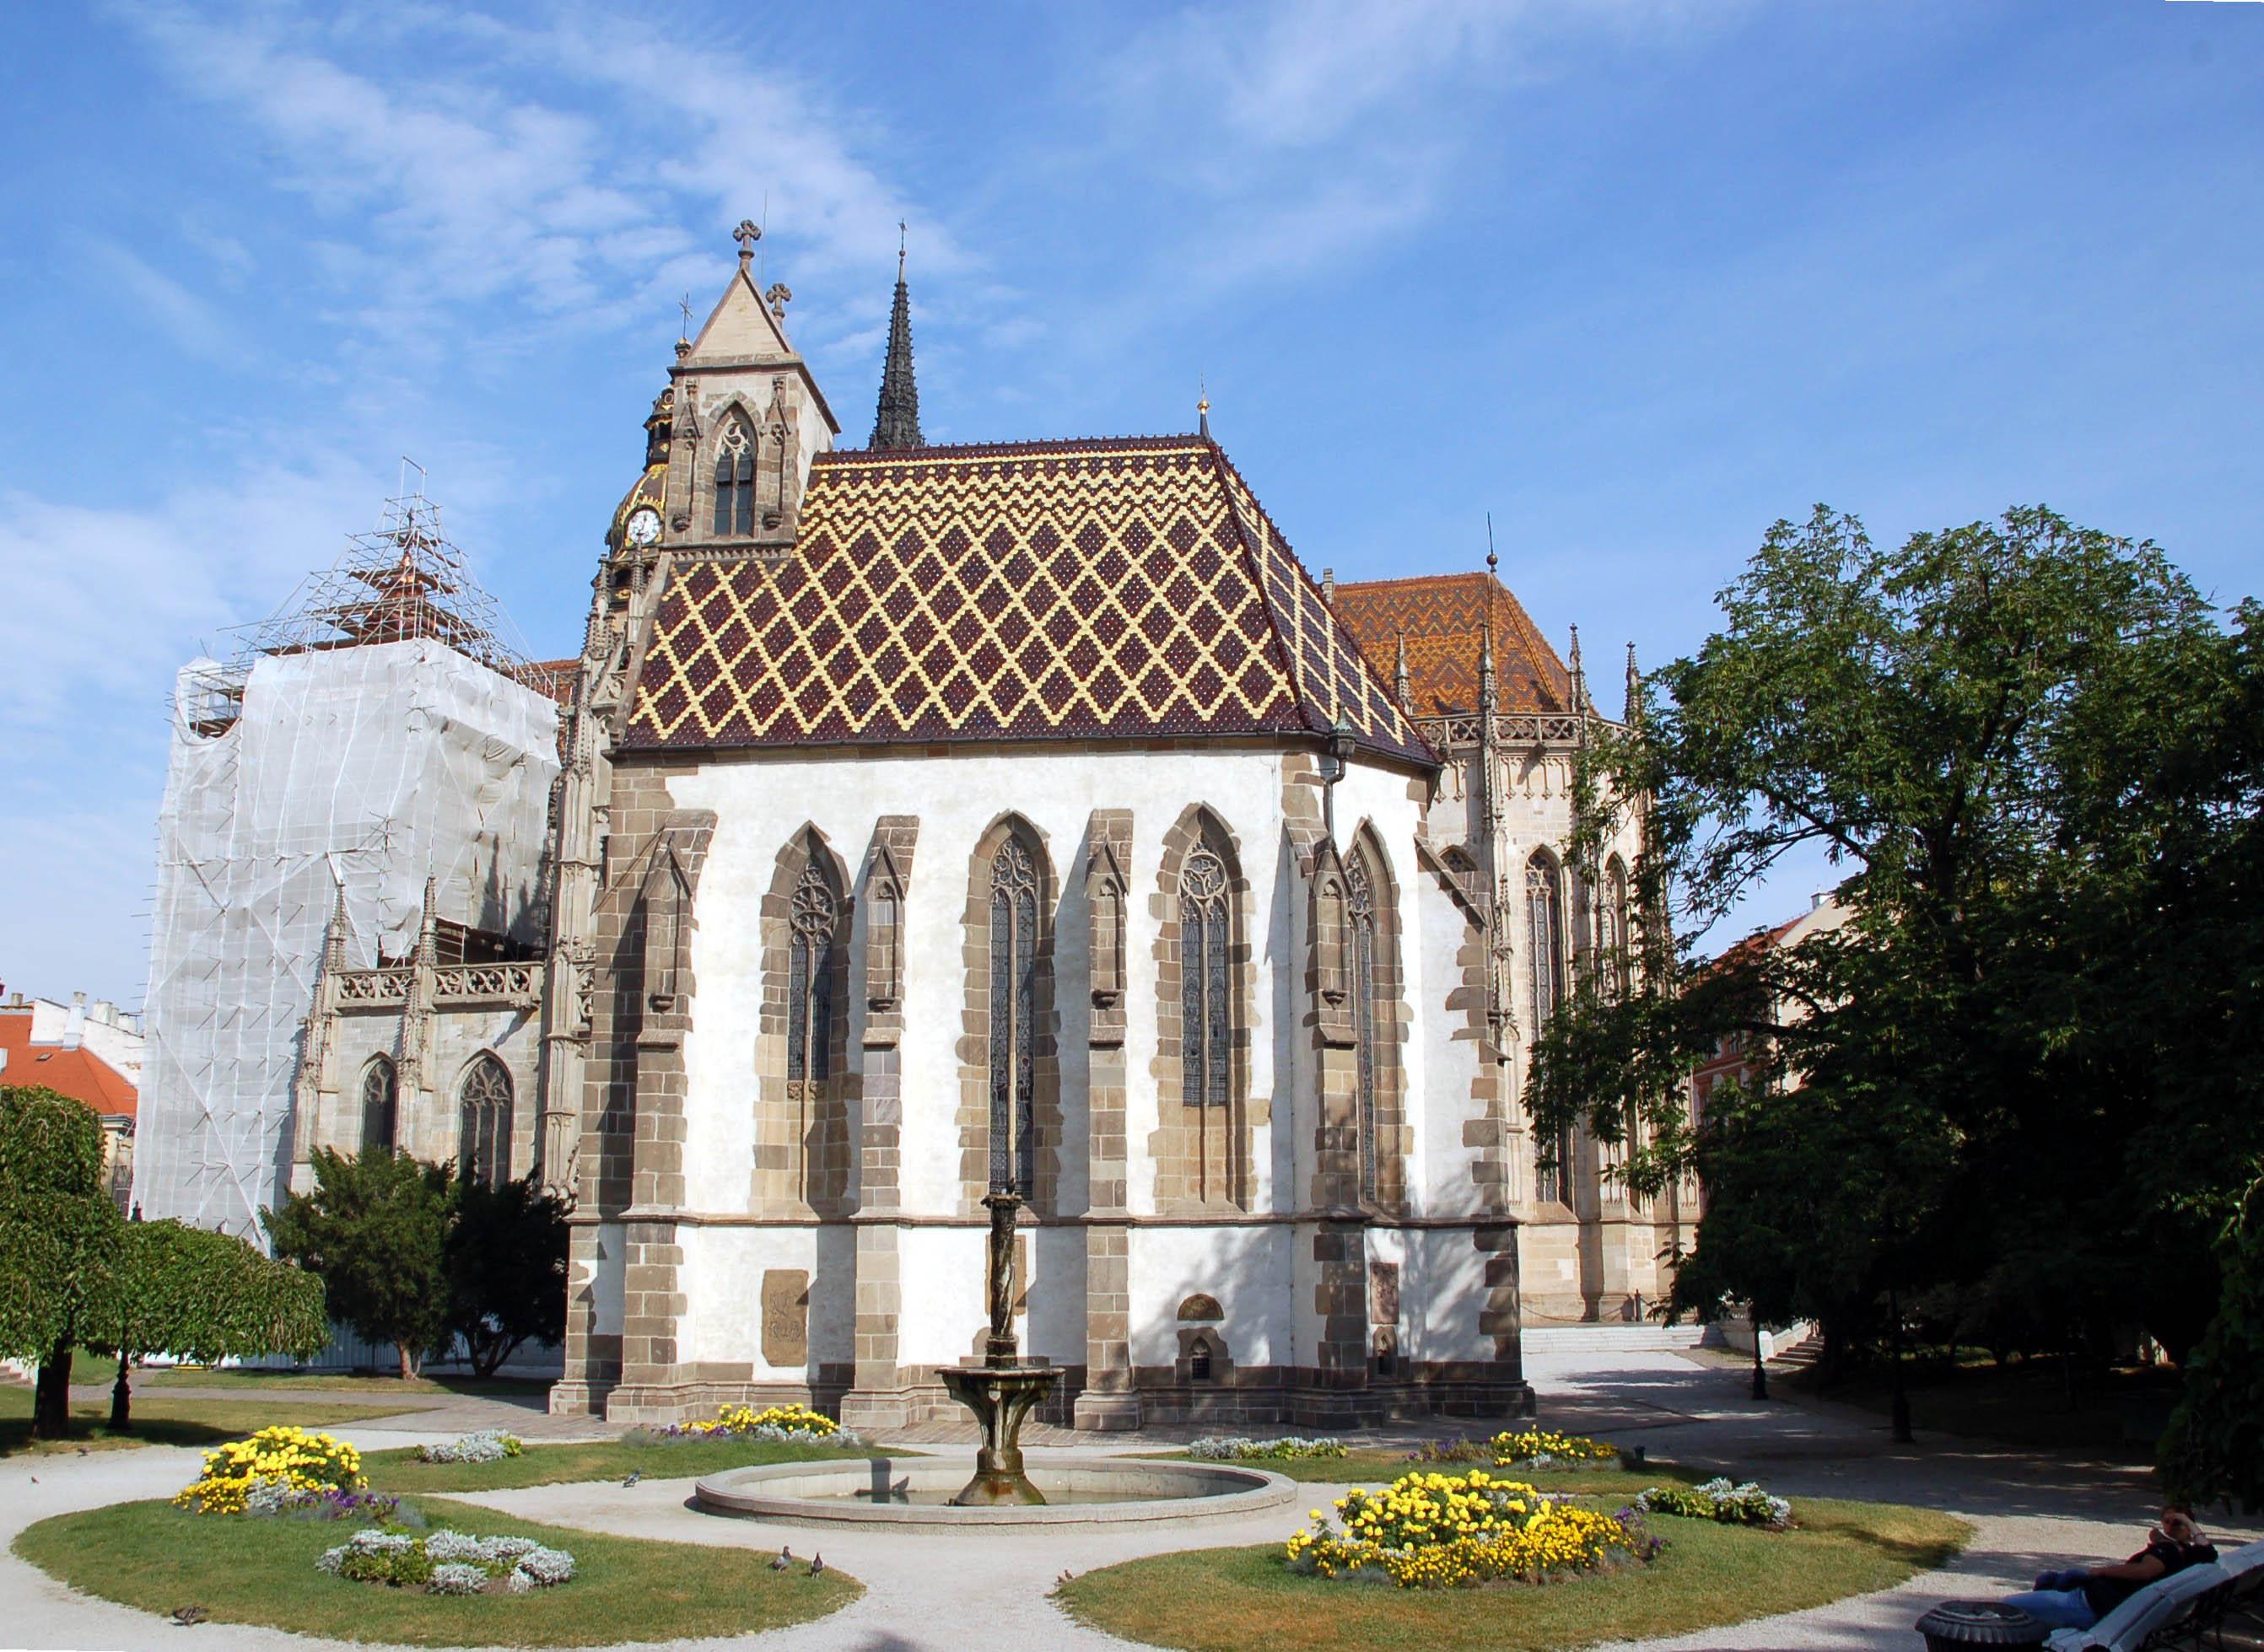 Koszyce Katedra na wschodnich rubieżach